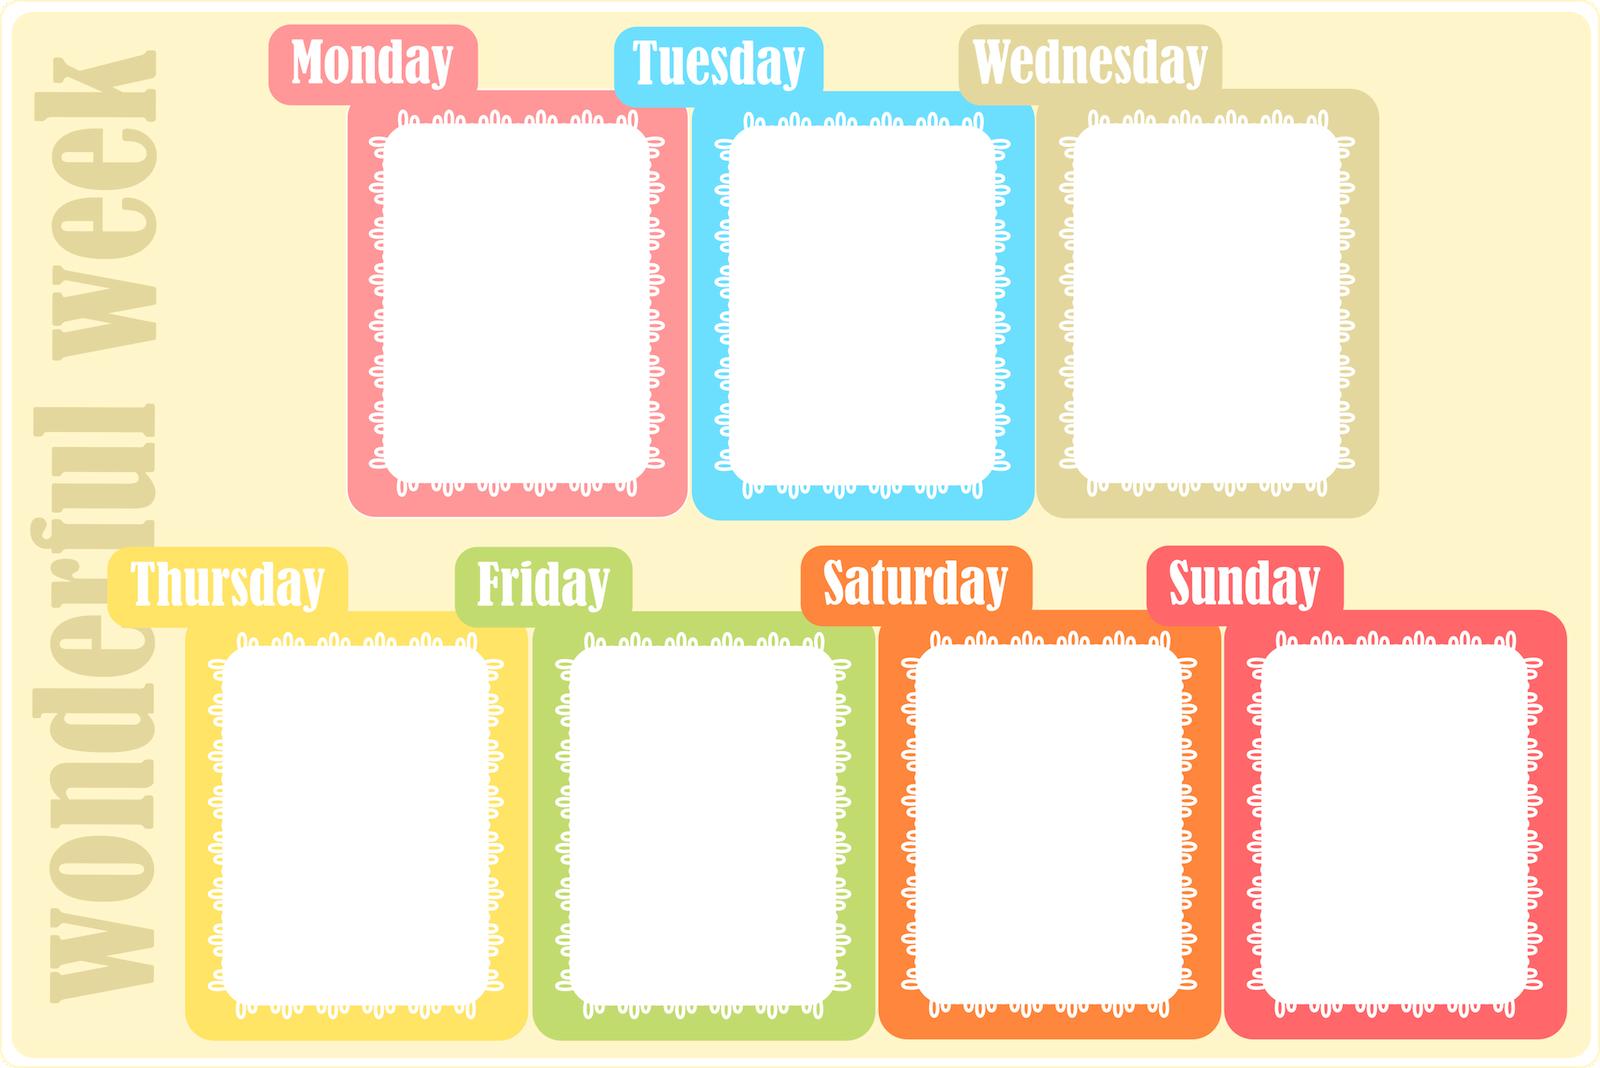 Free Printable Weekly Planner  Weekly Meal  Homework  TodoS